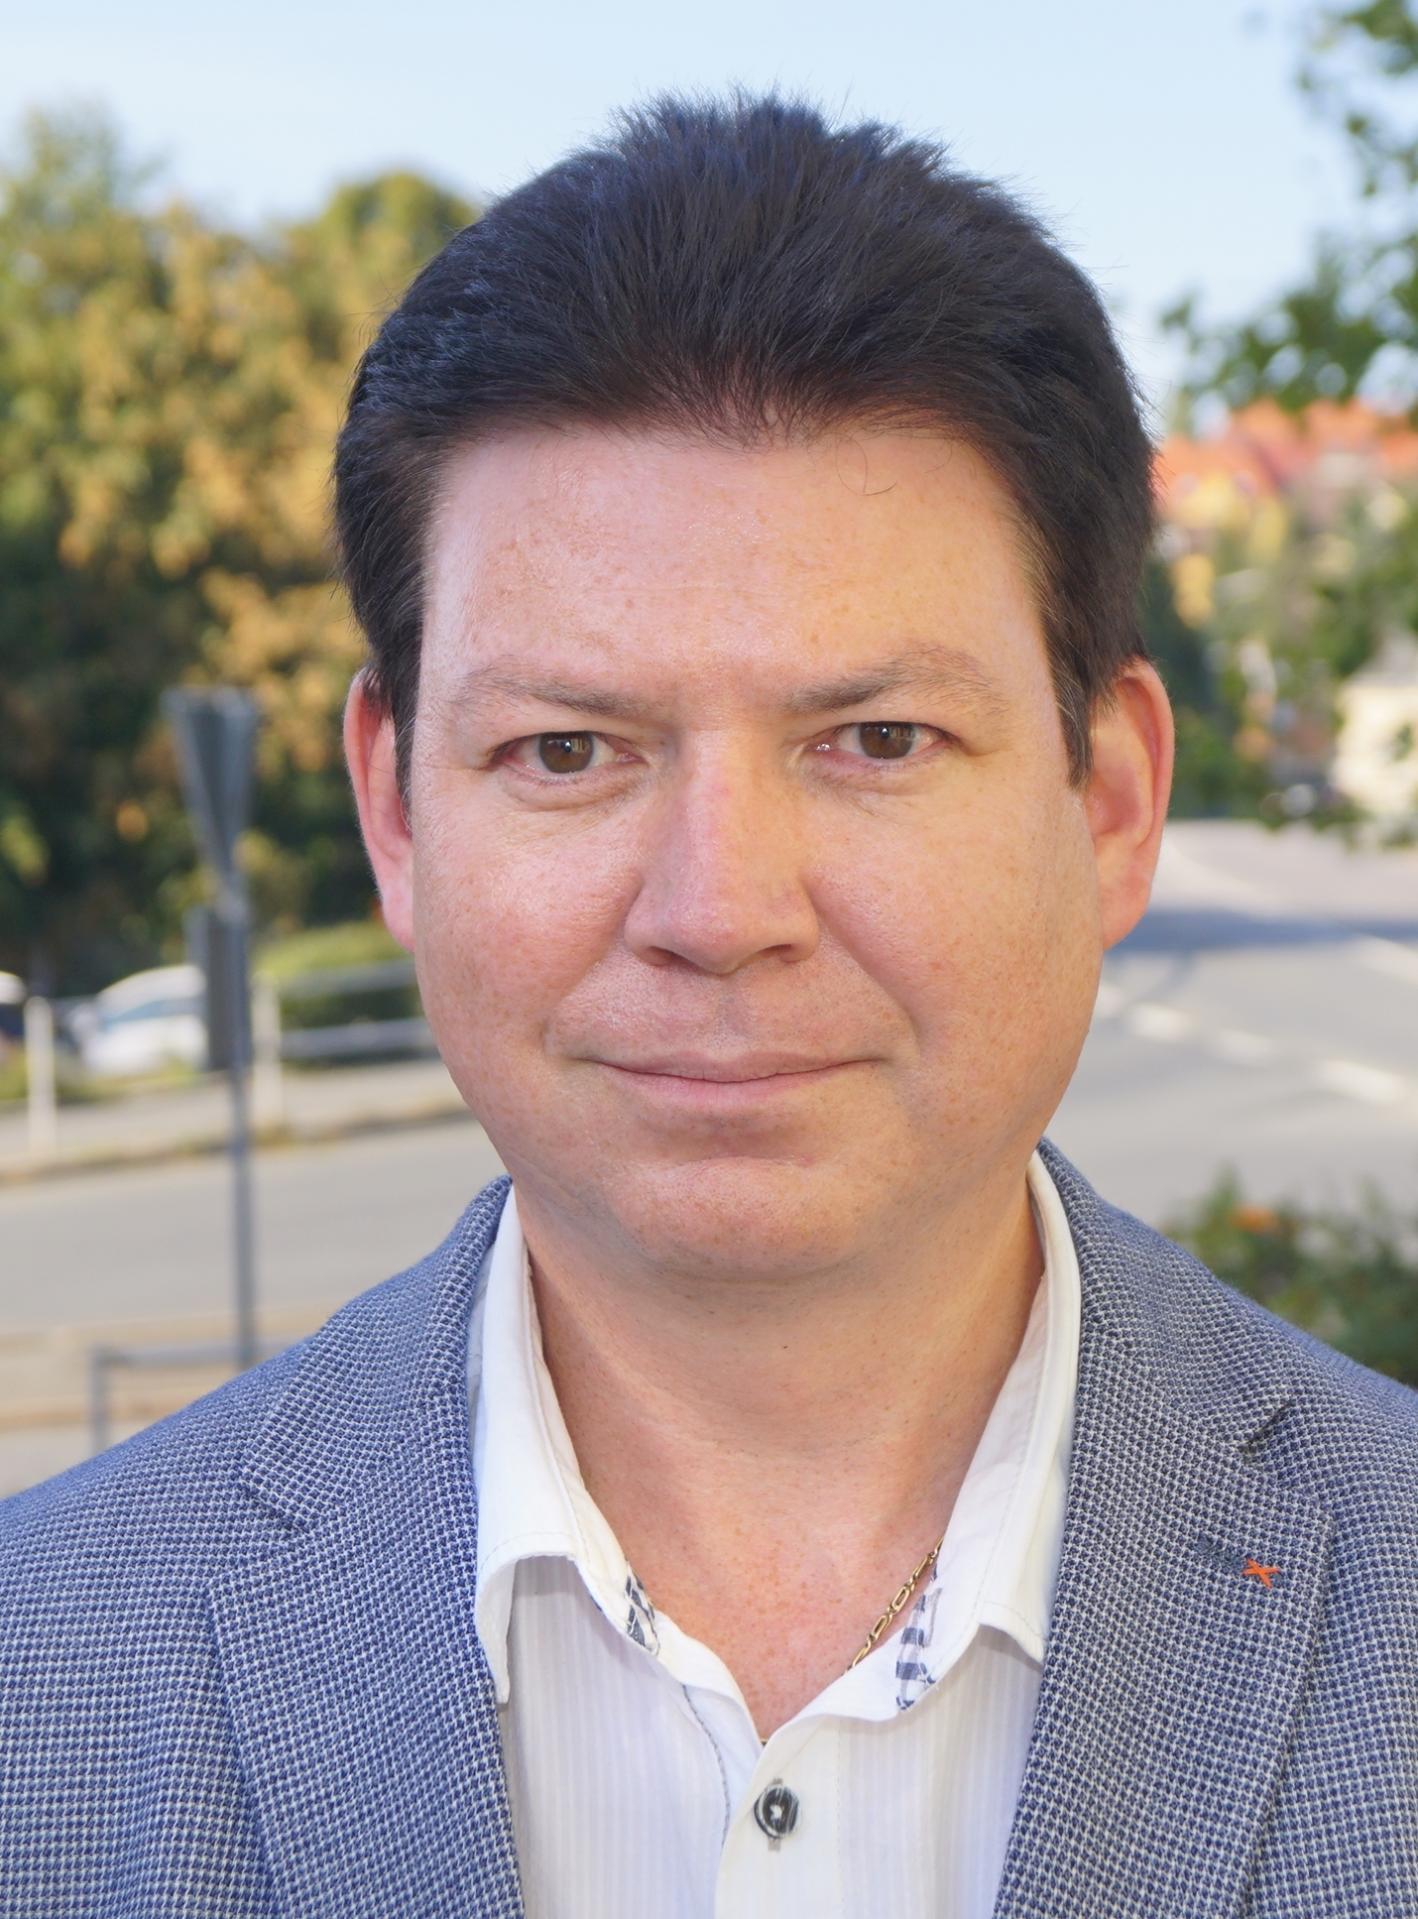 Stadtrat Herr Jens Breitfeld